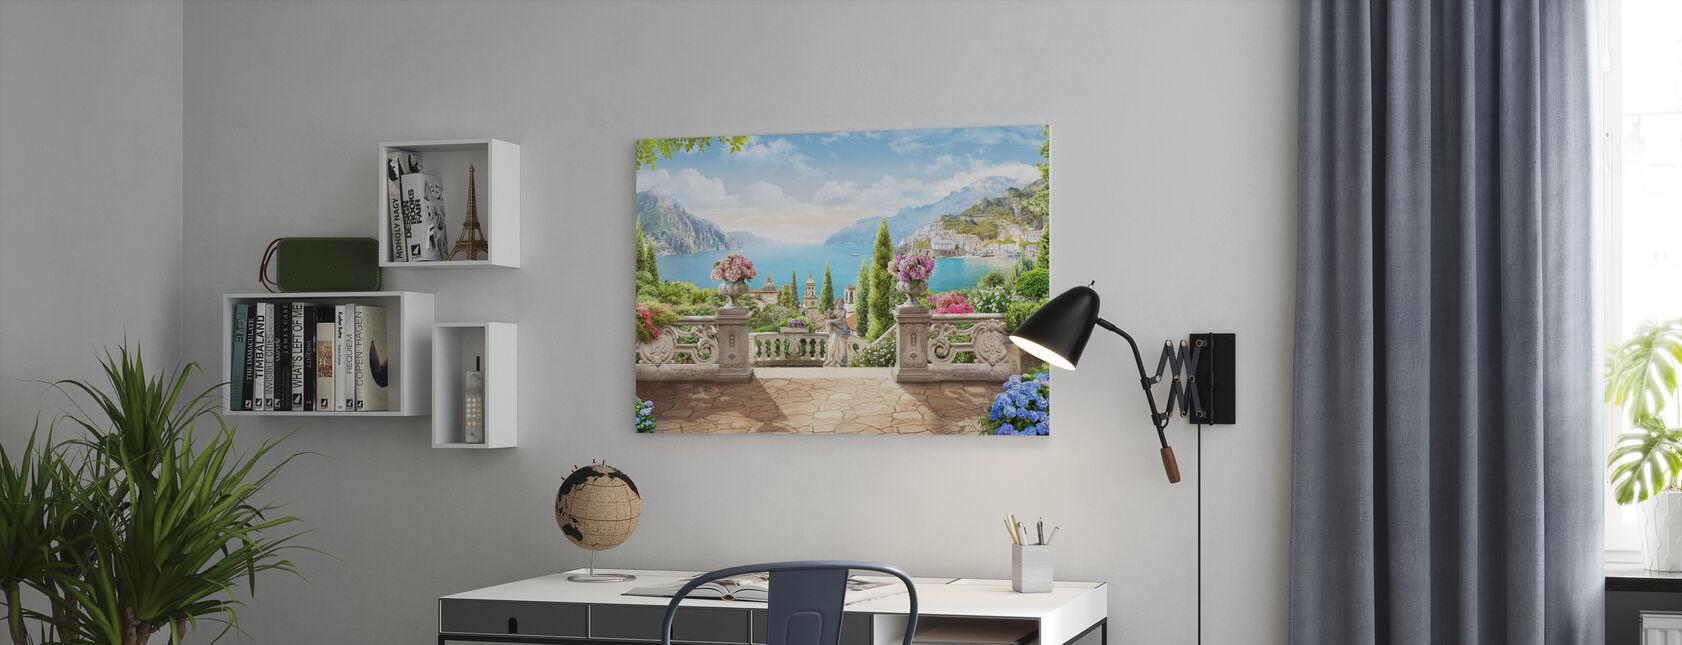 Villa del Balbianello - Canvas print - Office